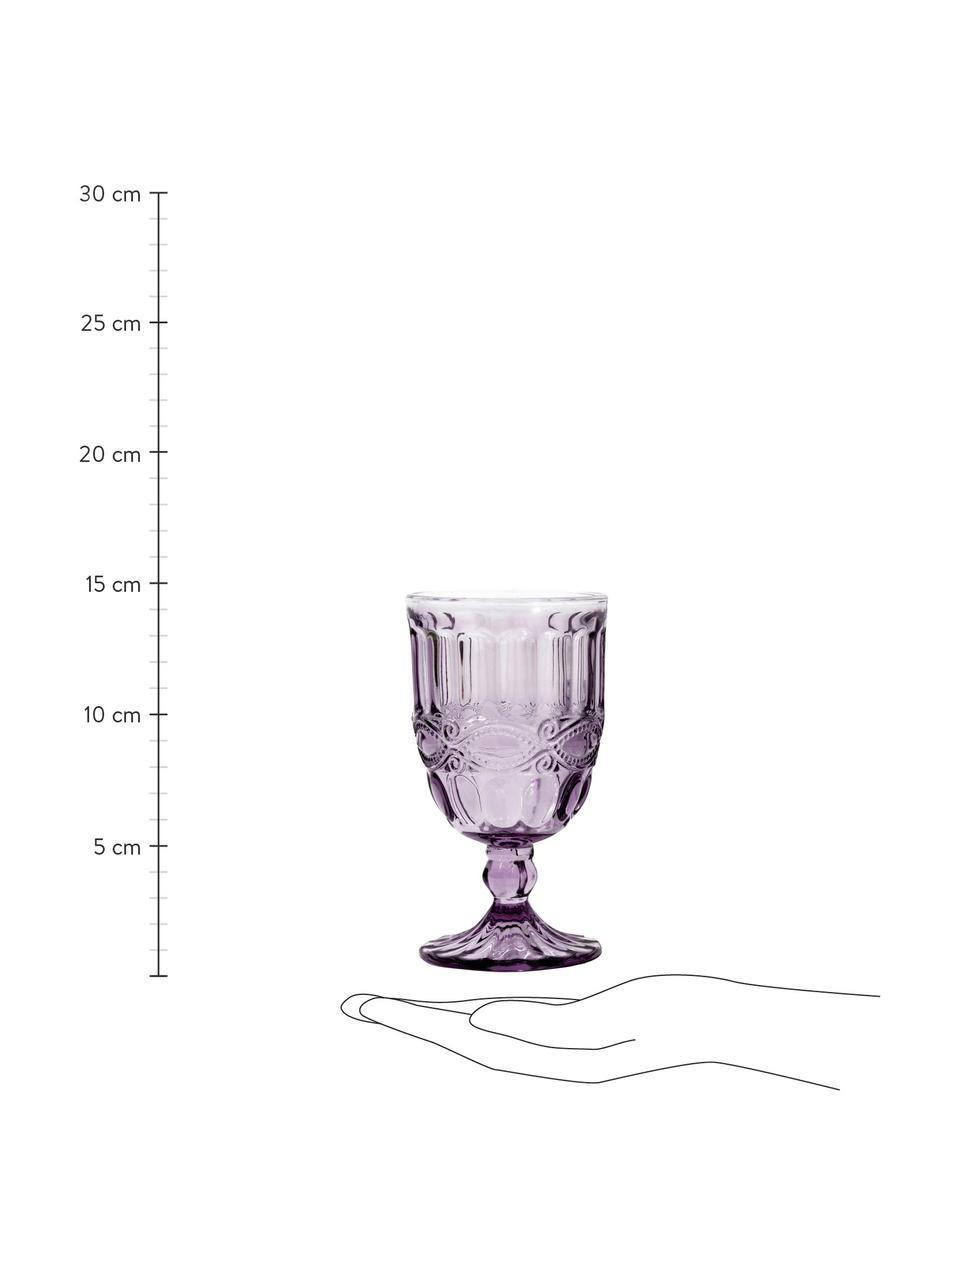 Kieliszek do wina Solange, 6 szt., Szkło farbowane, Transparentny, lila, Ø 8 x W 15 cm